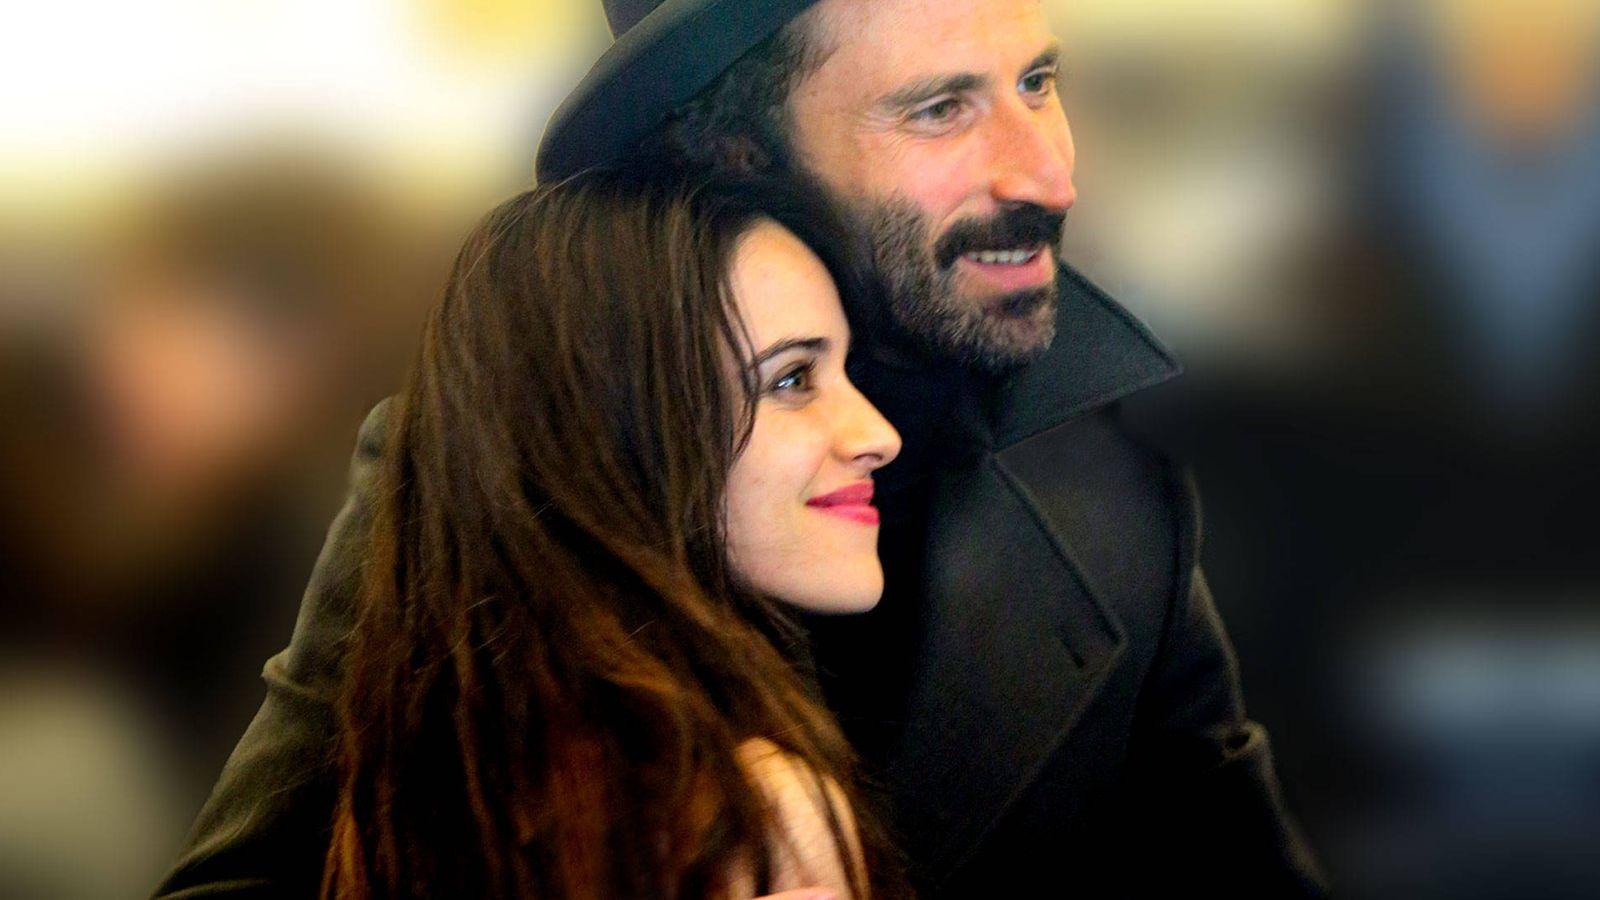 Foto: La actriz Macarena García y el compositor Leiva, juntos. (Cordon Press)